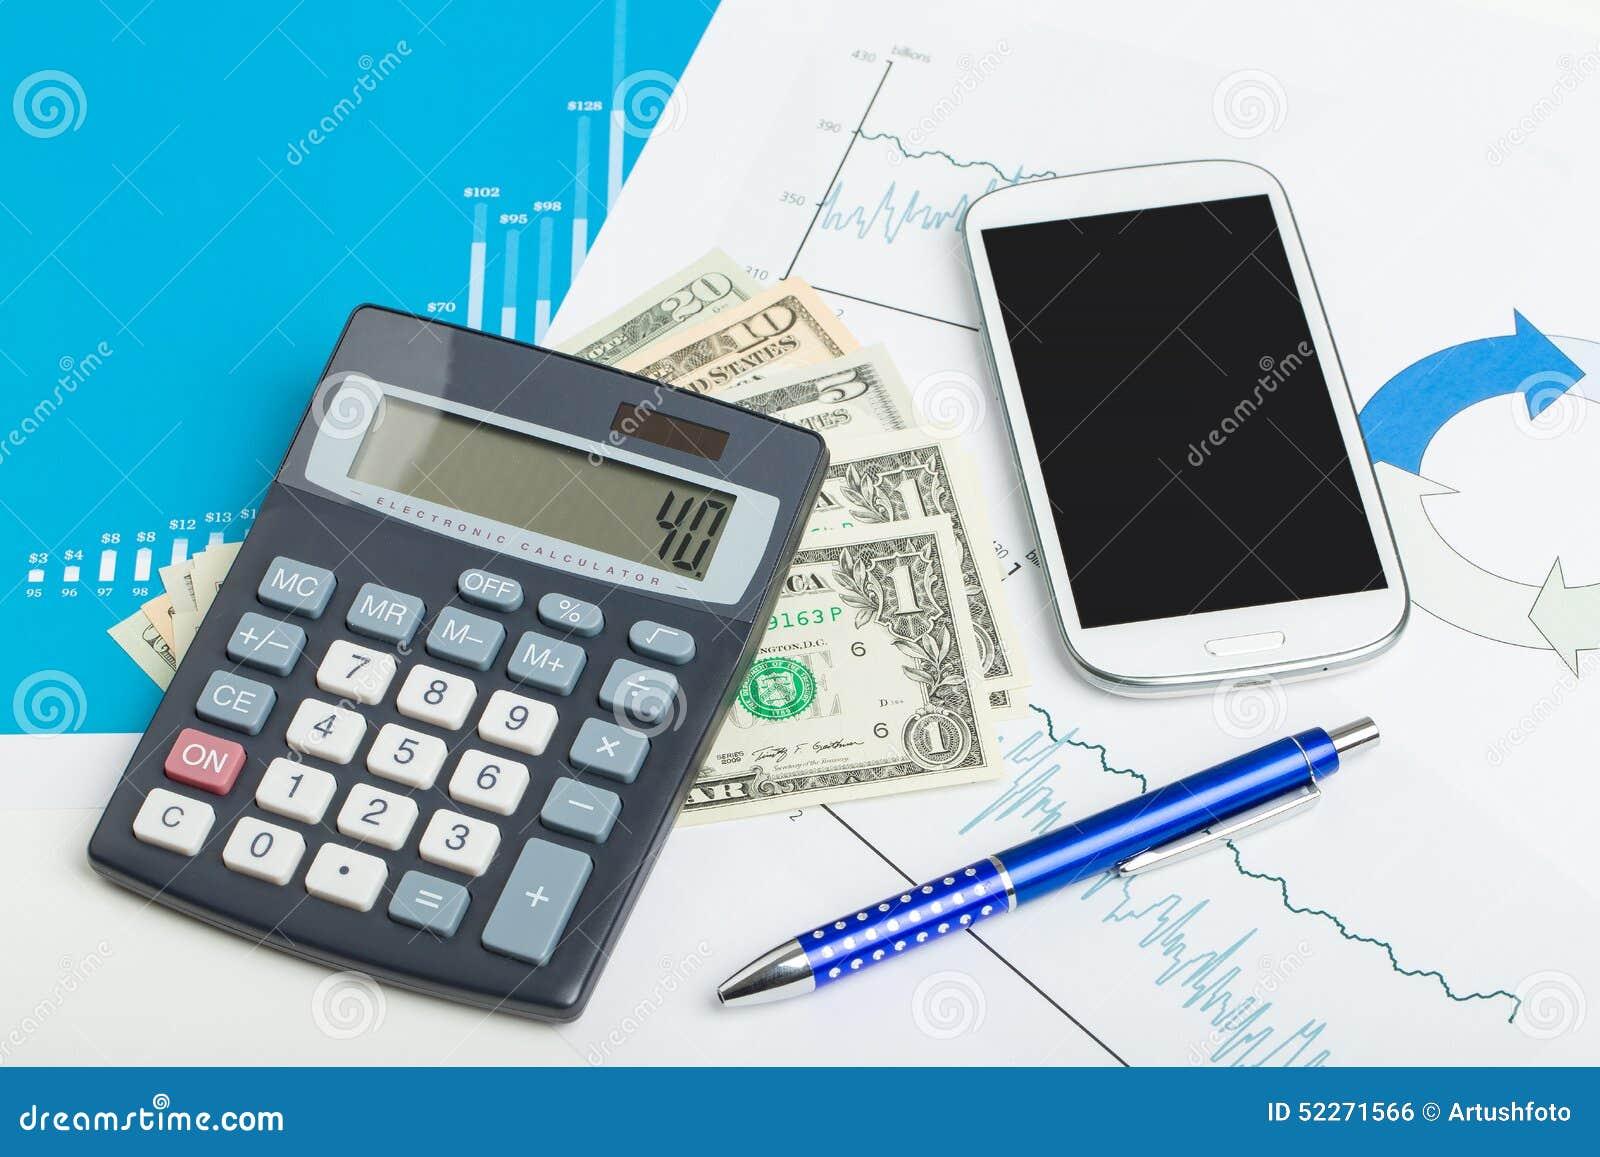 Sedlar Raknemaskin Och Mobiltelefon For Usa Dollarpengar